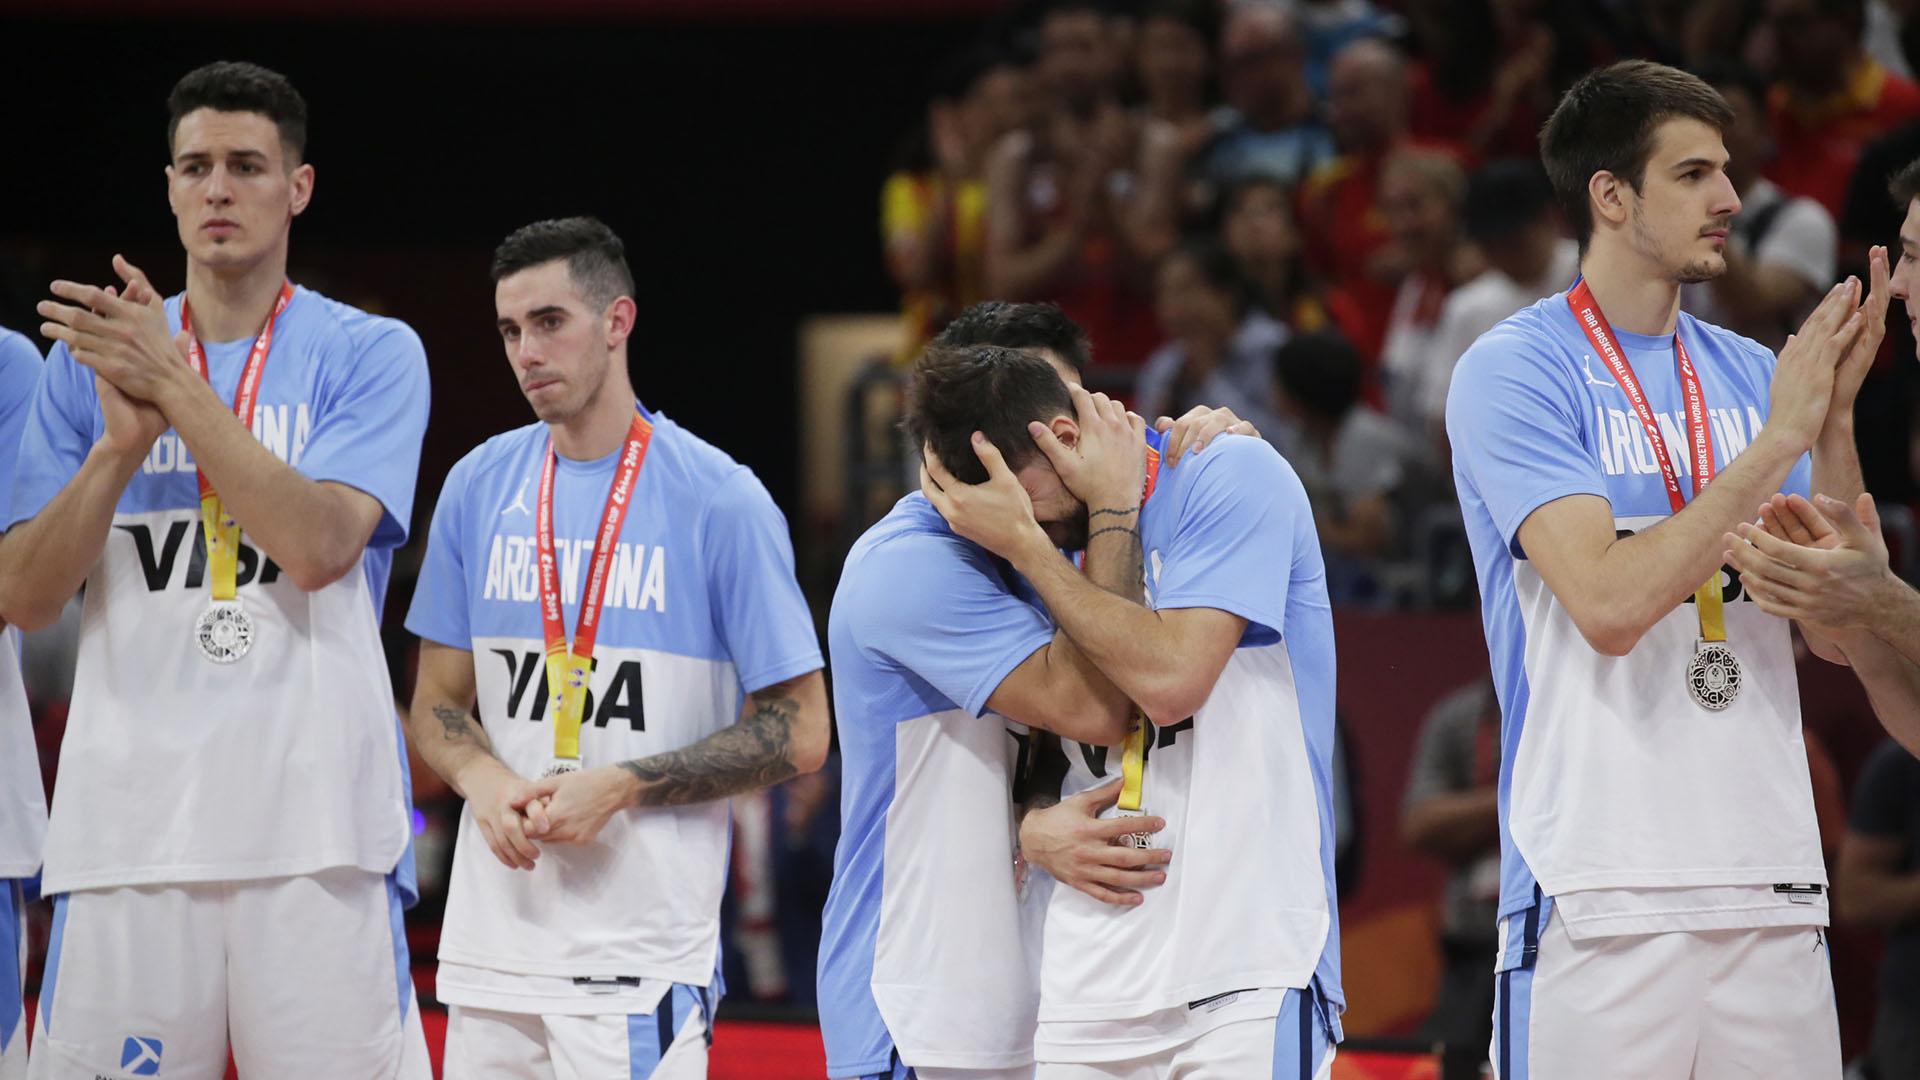 Algunos jugadores argentinos aplauden al vencedor, otros se consuelan tras la gran victoria española.(EFE)